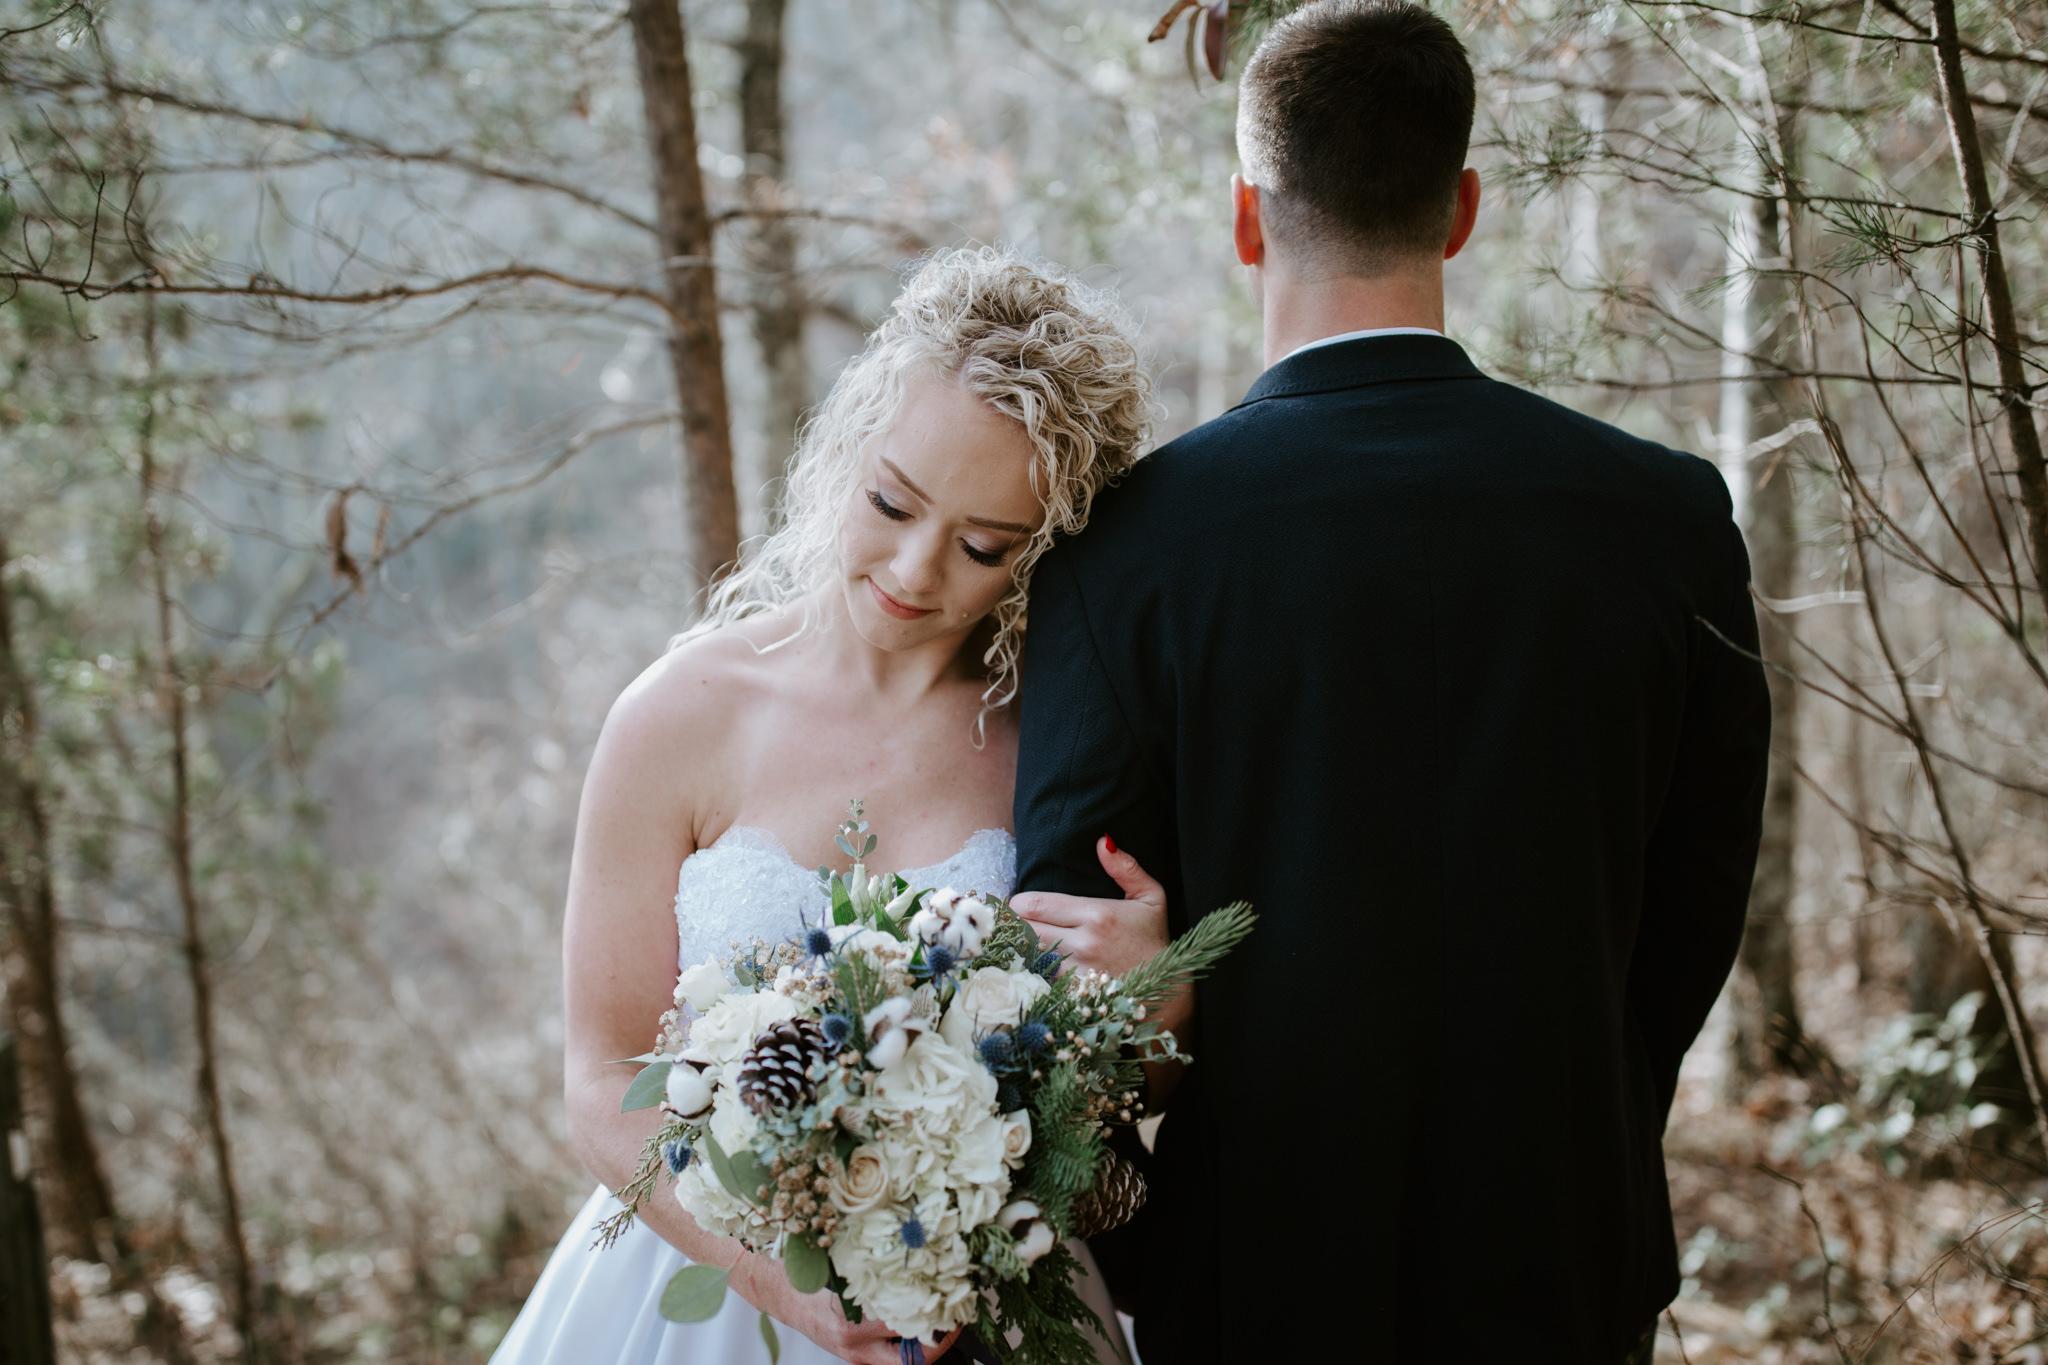 Lauren-and-Trent-Chattanooga-Nashville-Wedding-Elopement-Photographer-29.jpg